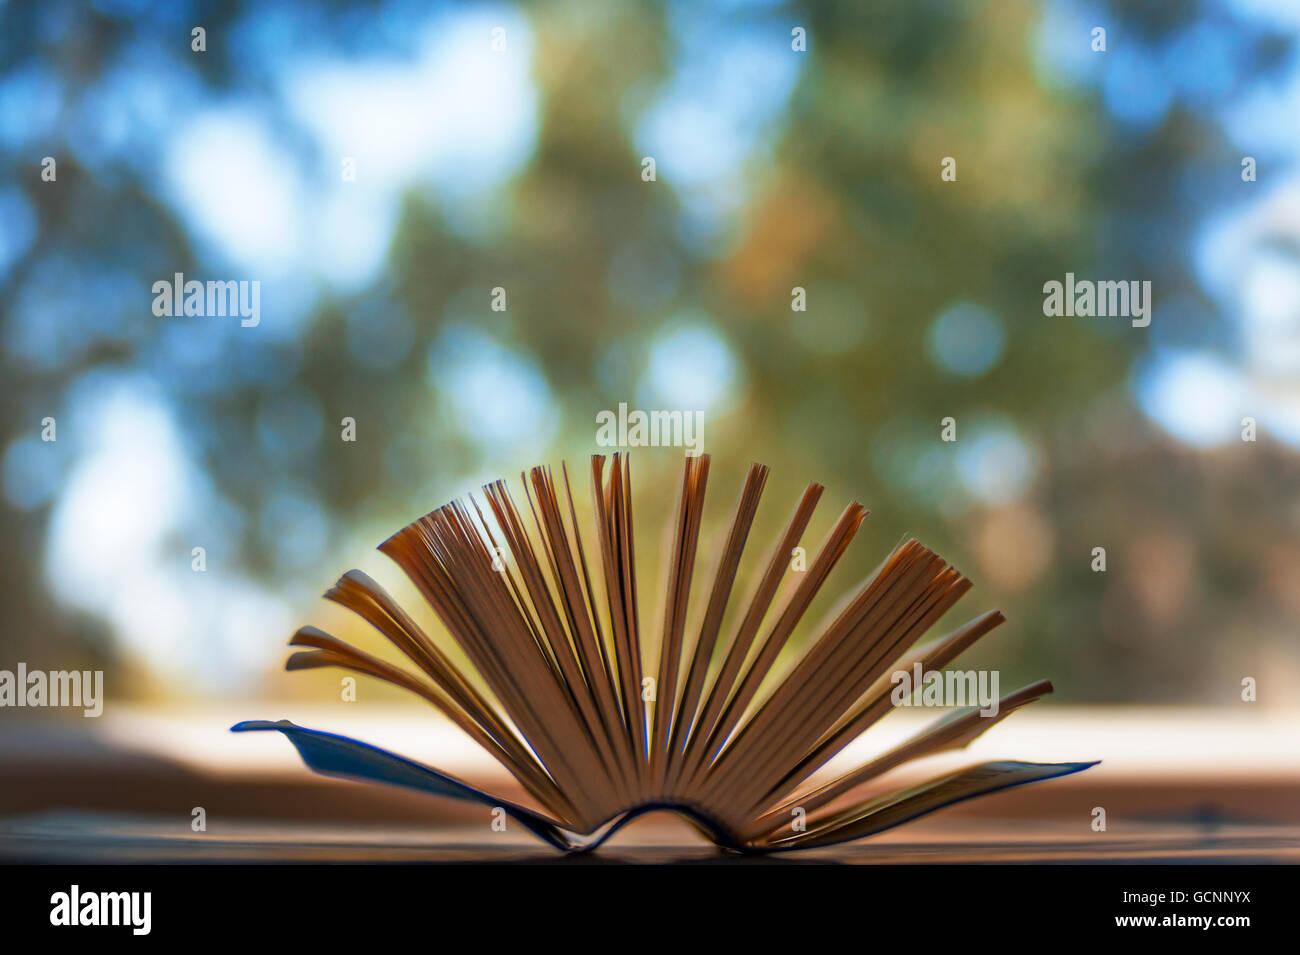 Pequeño libro primer plano con páginas abiertas y bokeh de fondo. Foto de stock